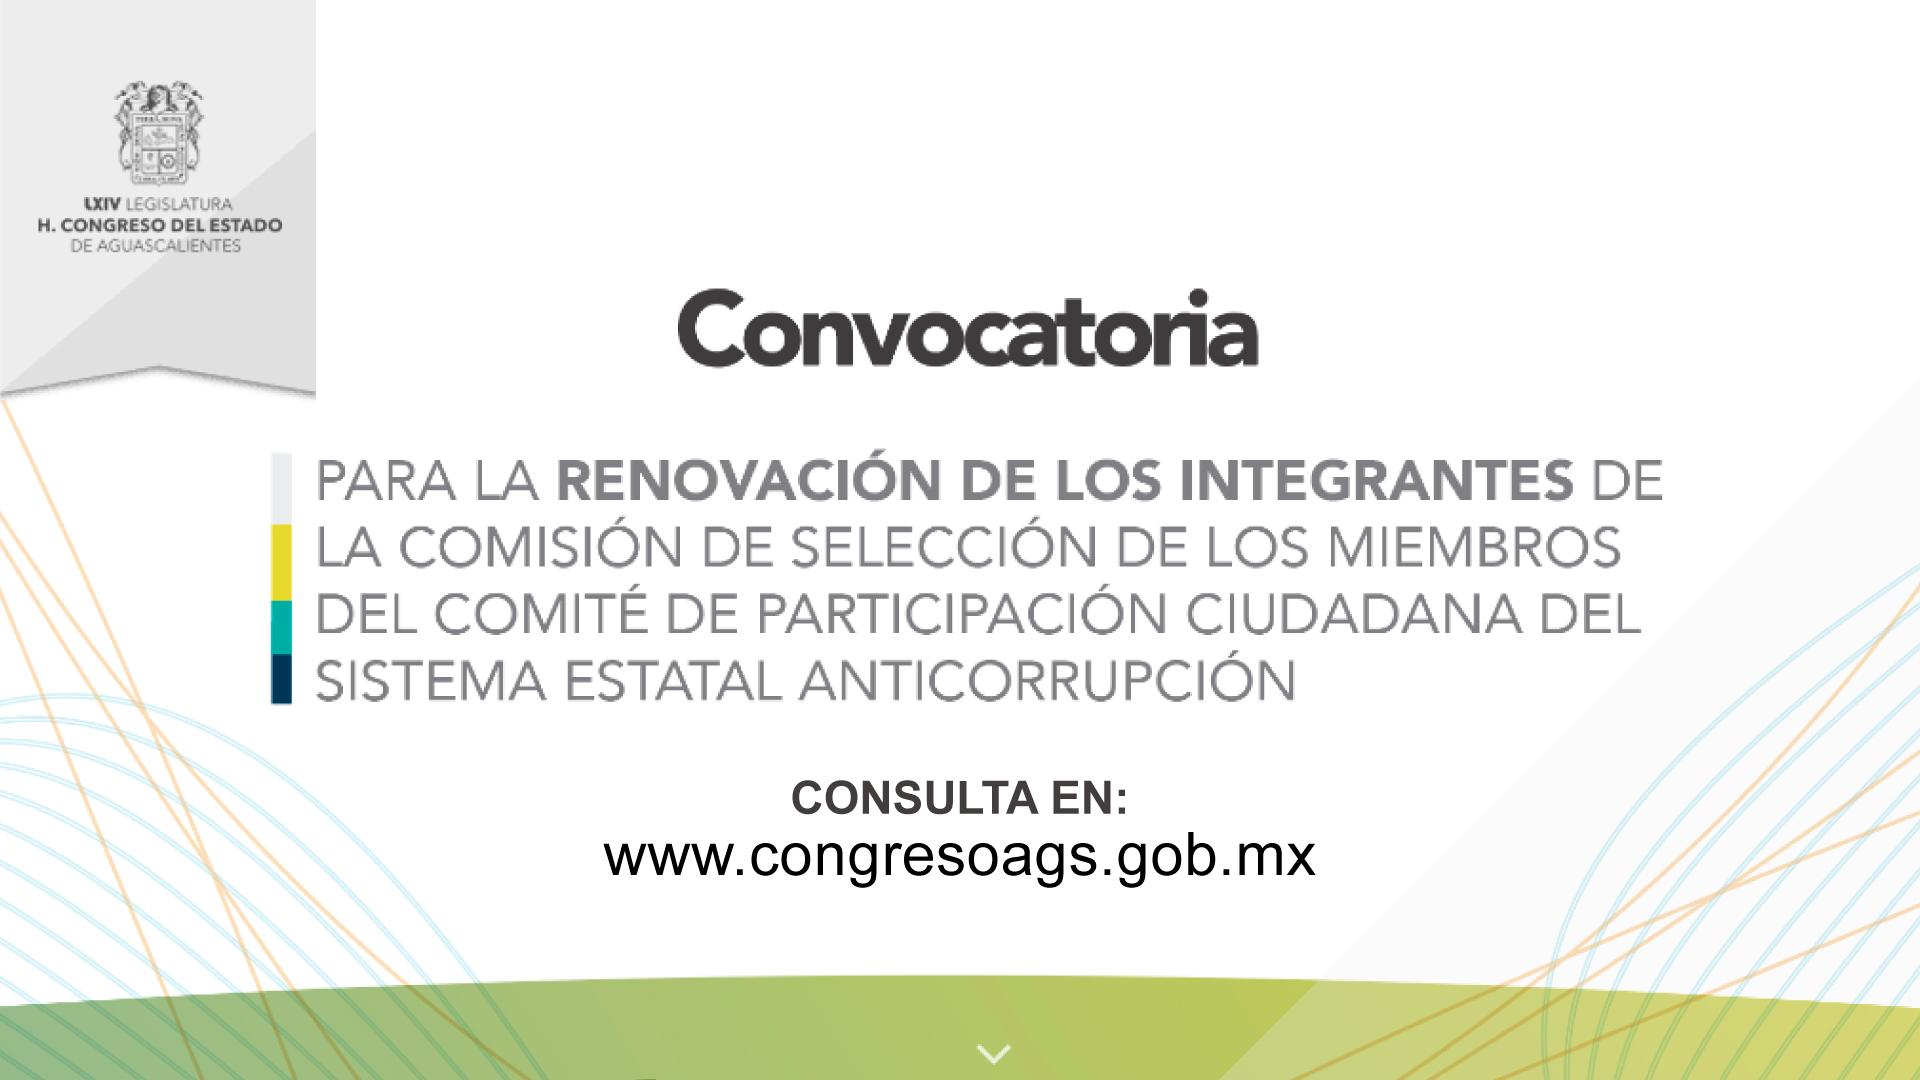 Comité de Participación Ciudadana del Sistema Estatal Anticorrupción